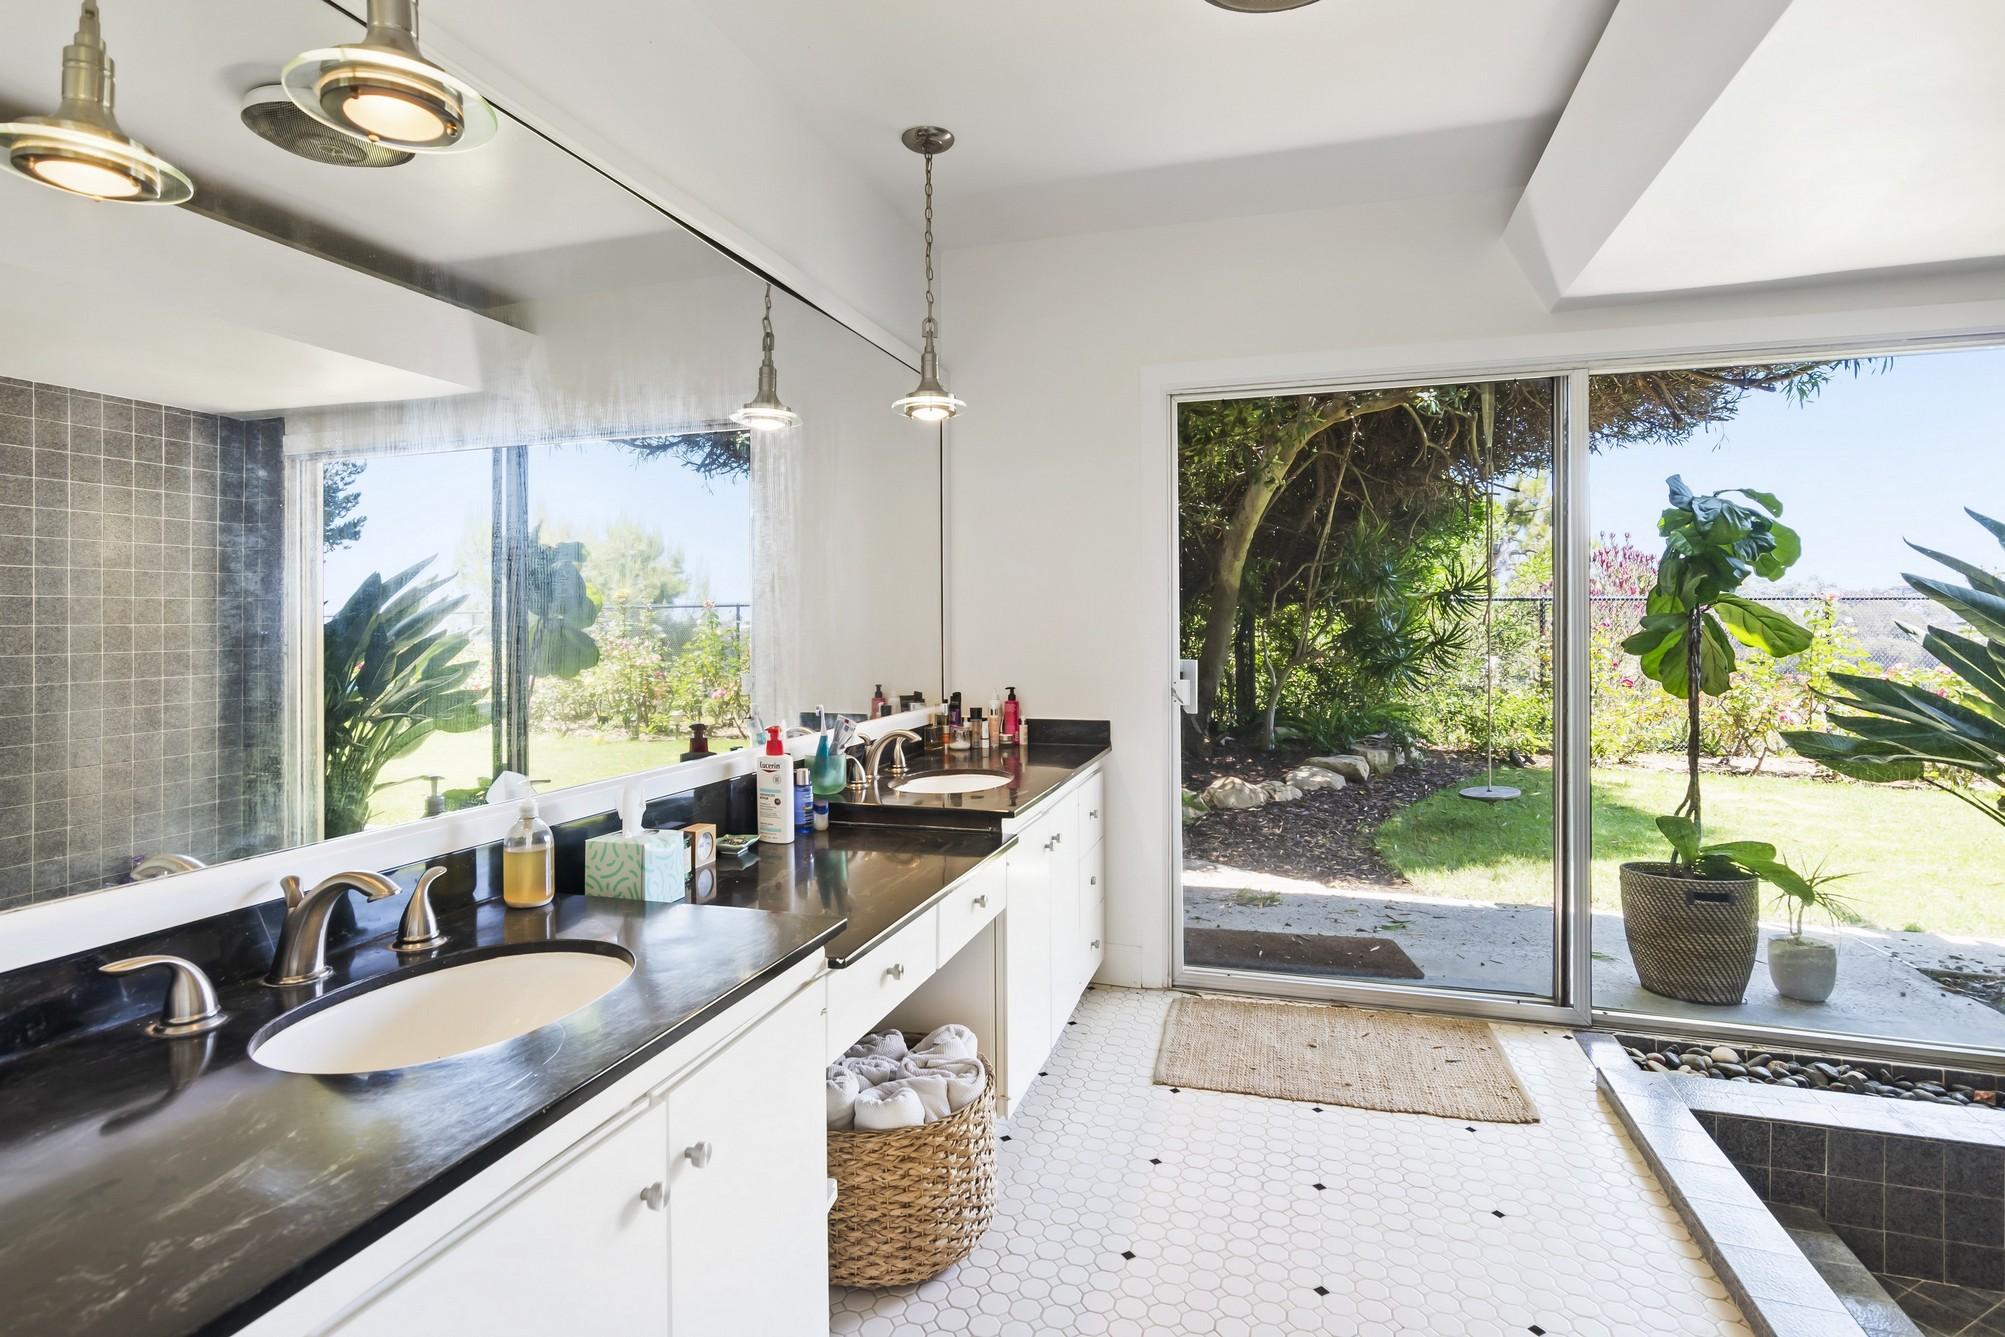 18008 Sea Reef,Pacific Palisades,California 90272,5 Bedrooms Bedrooms,3 BathroomsBathrooms,Home,Sea Reef,1090